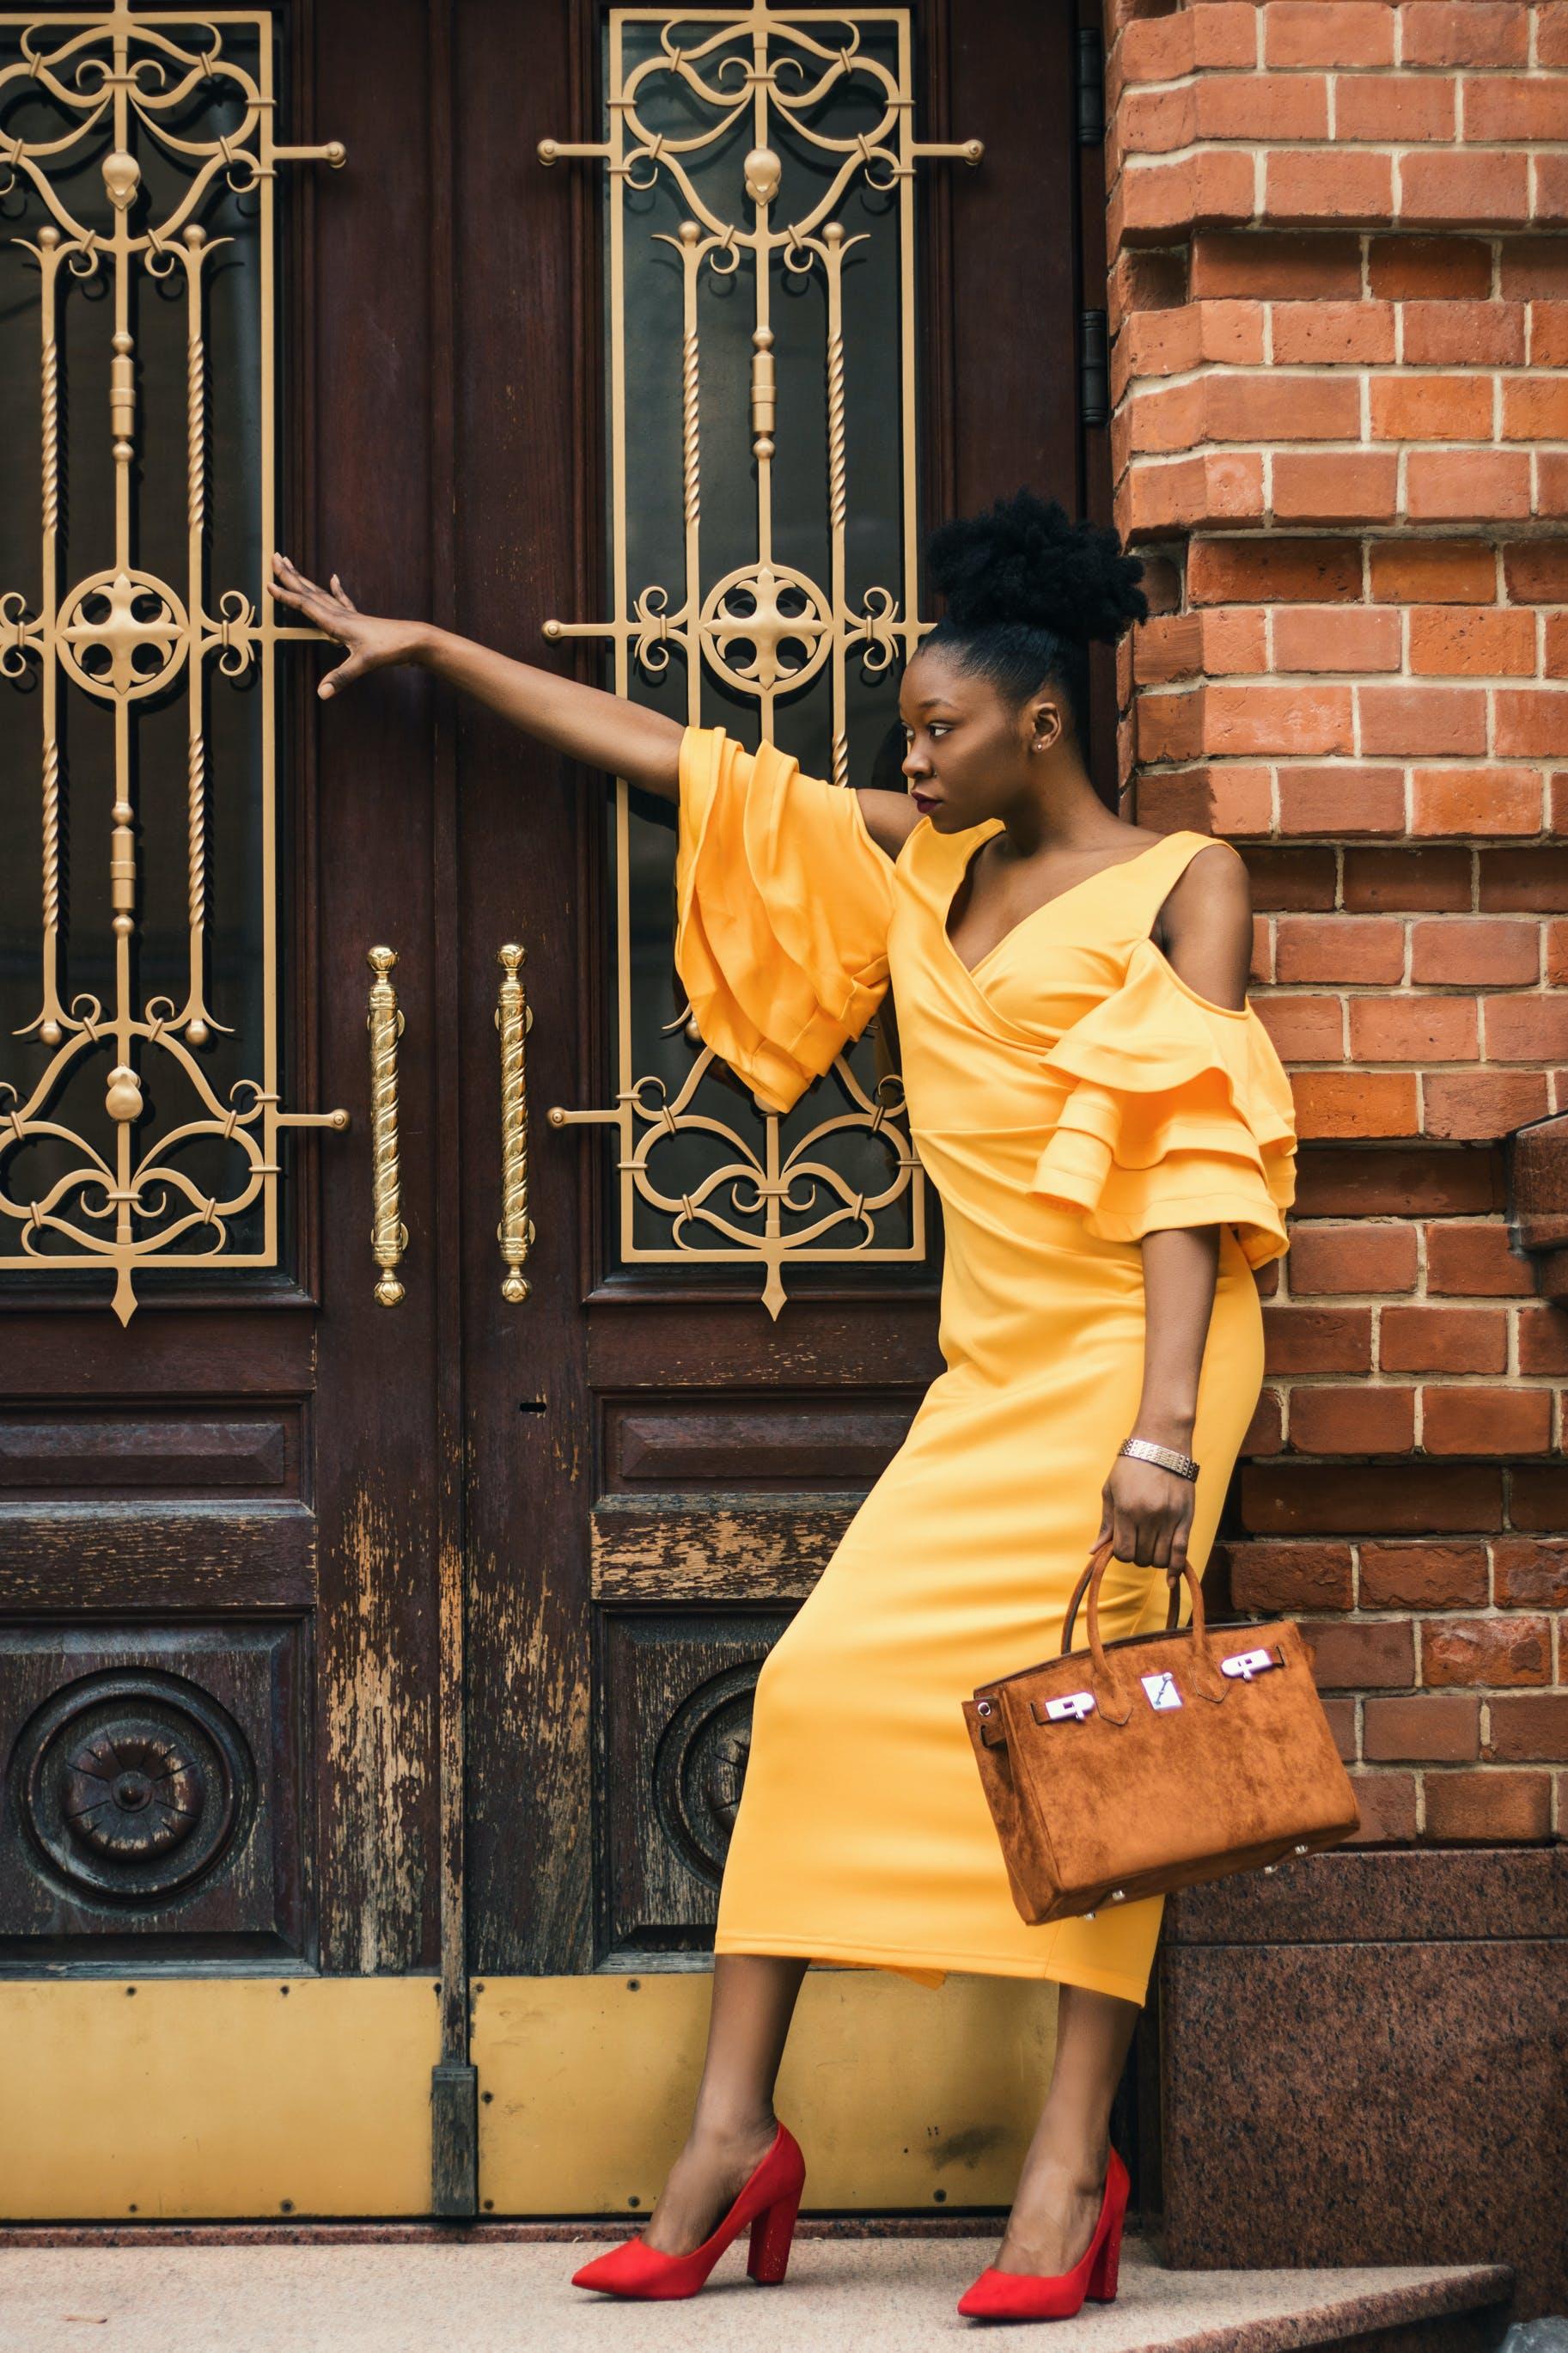 Immagine gratuita di abito, alla moda, borsetta, donna